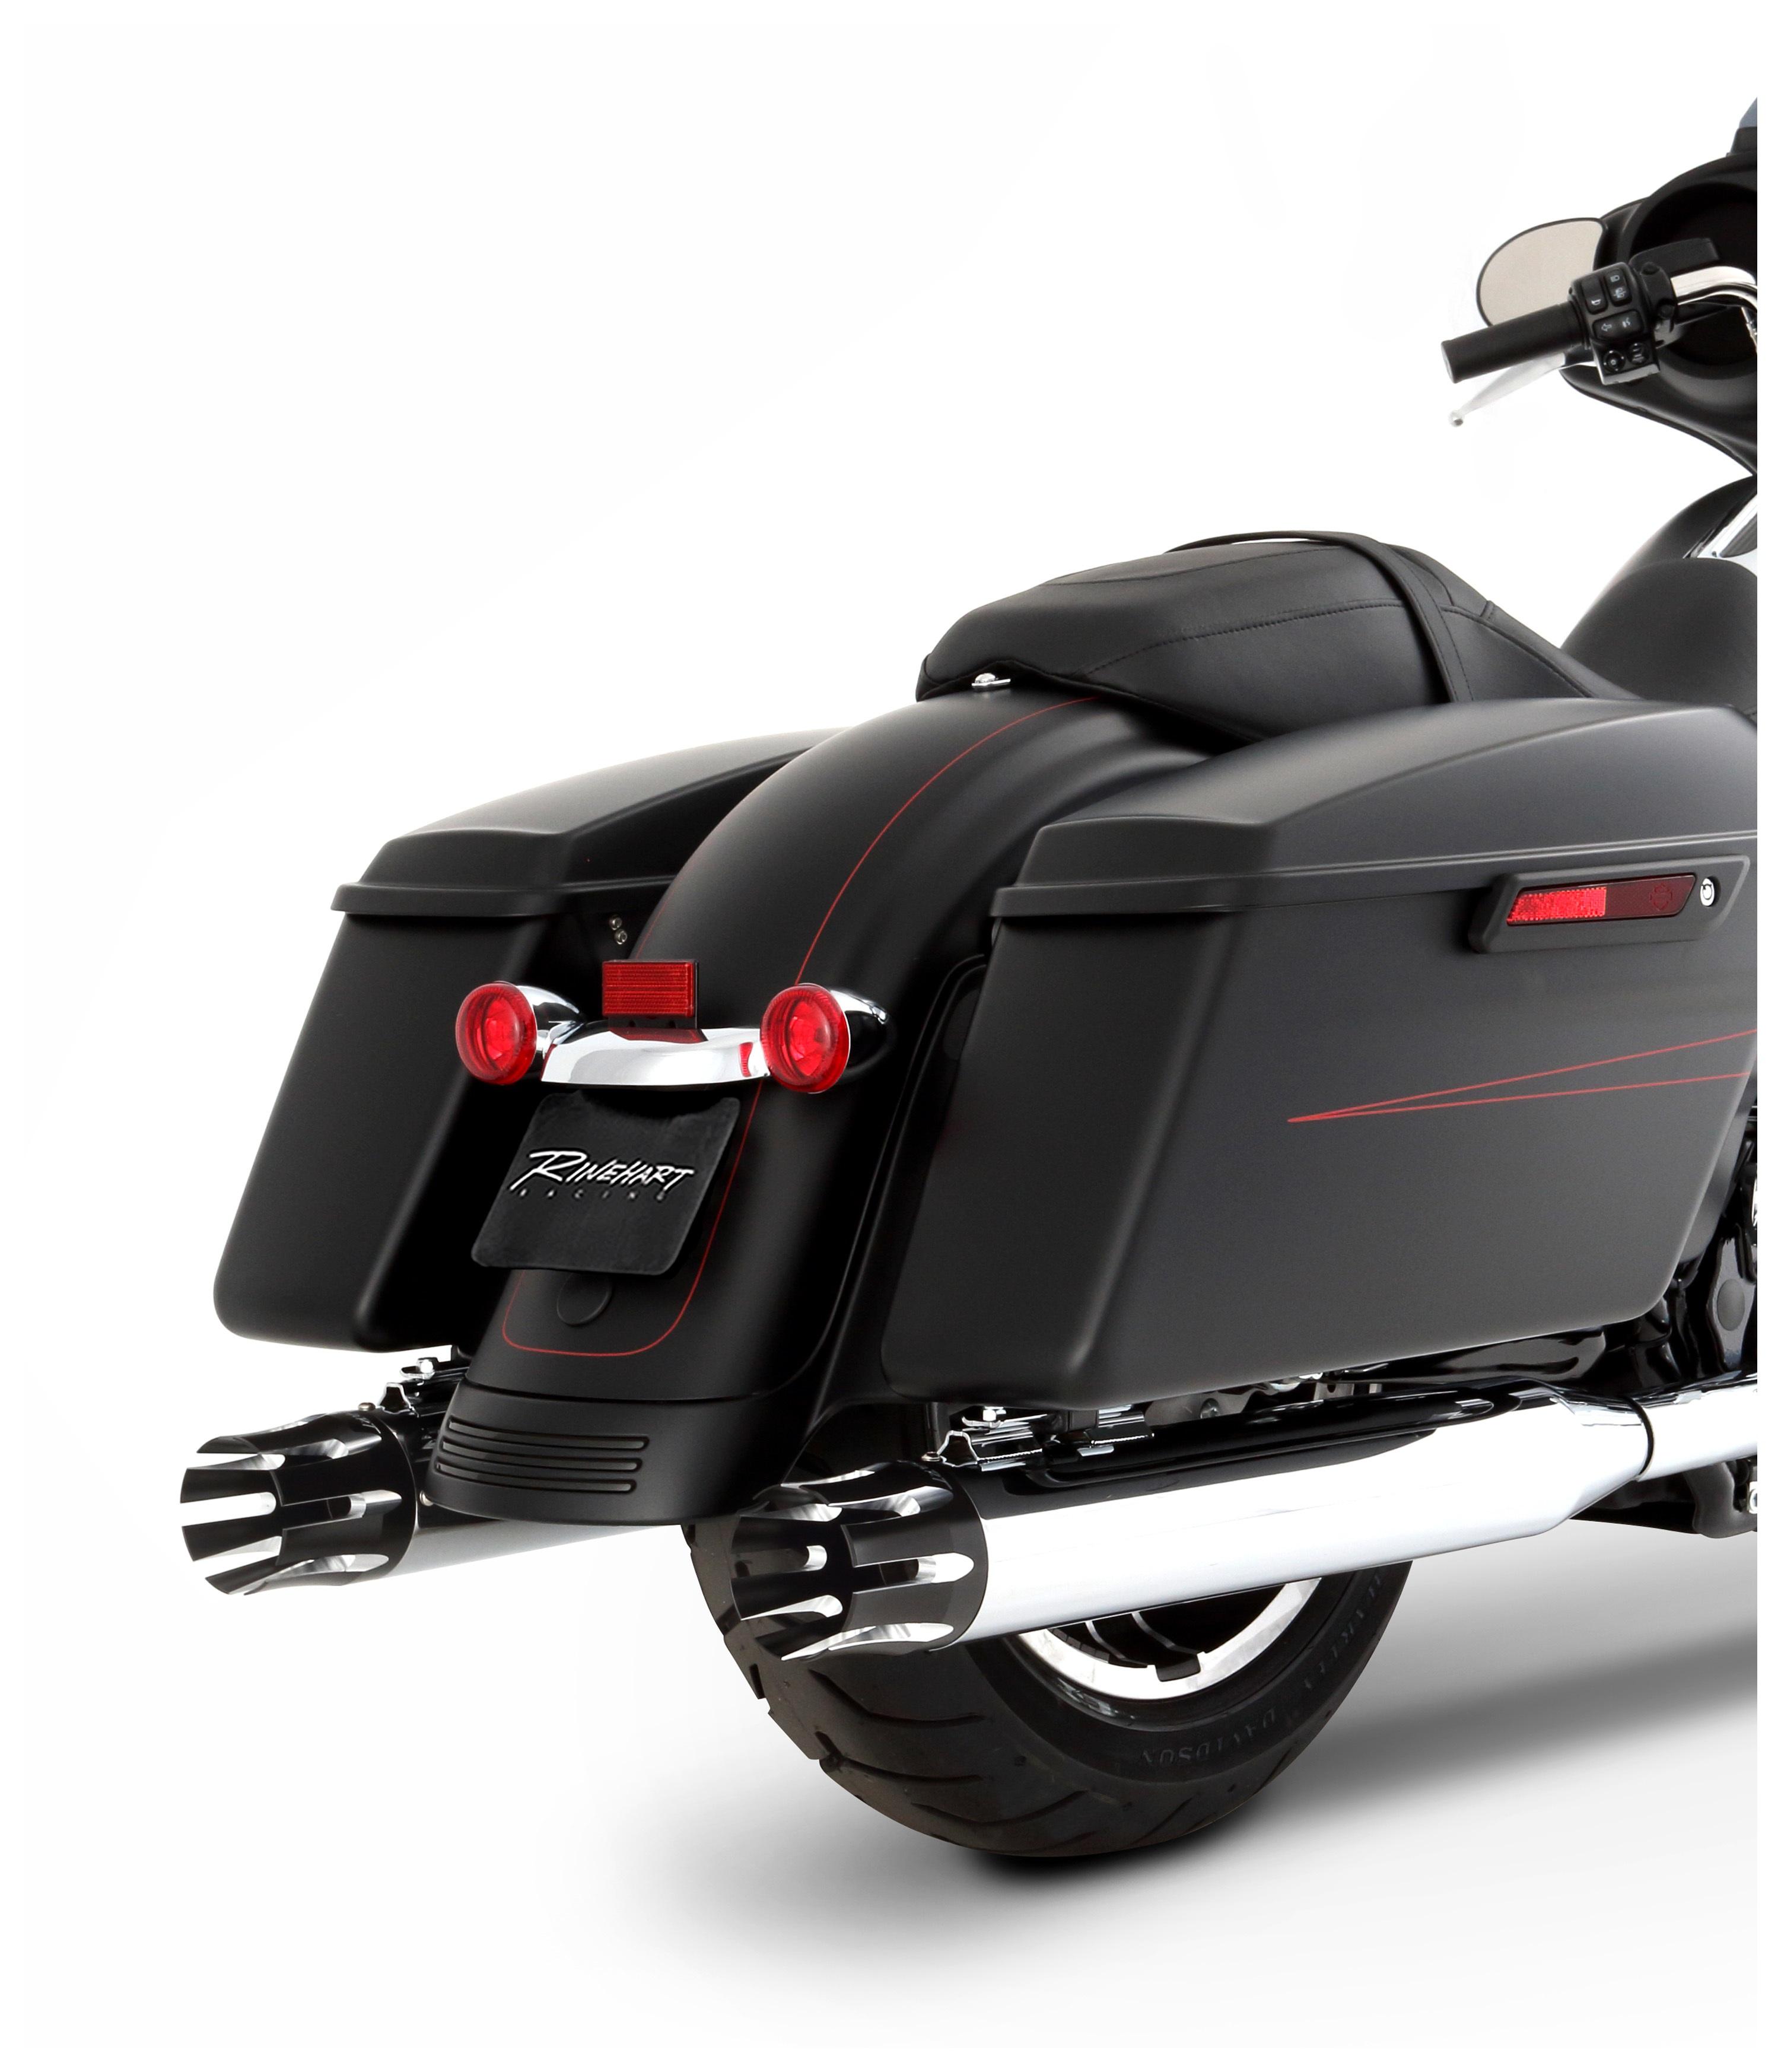 Best Slip On Mufflers For Harley Touring